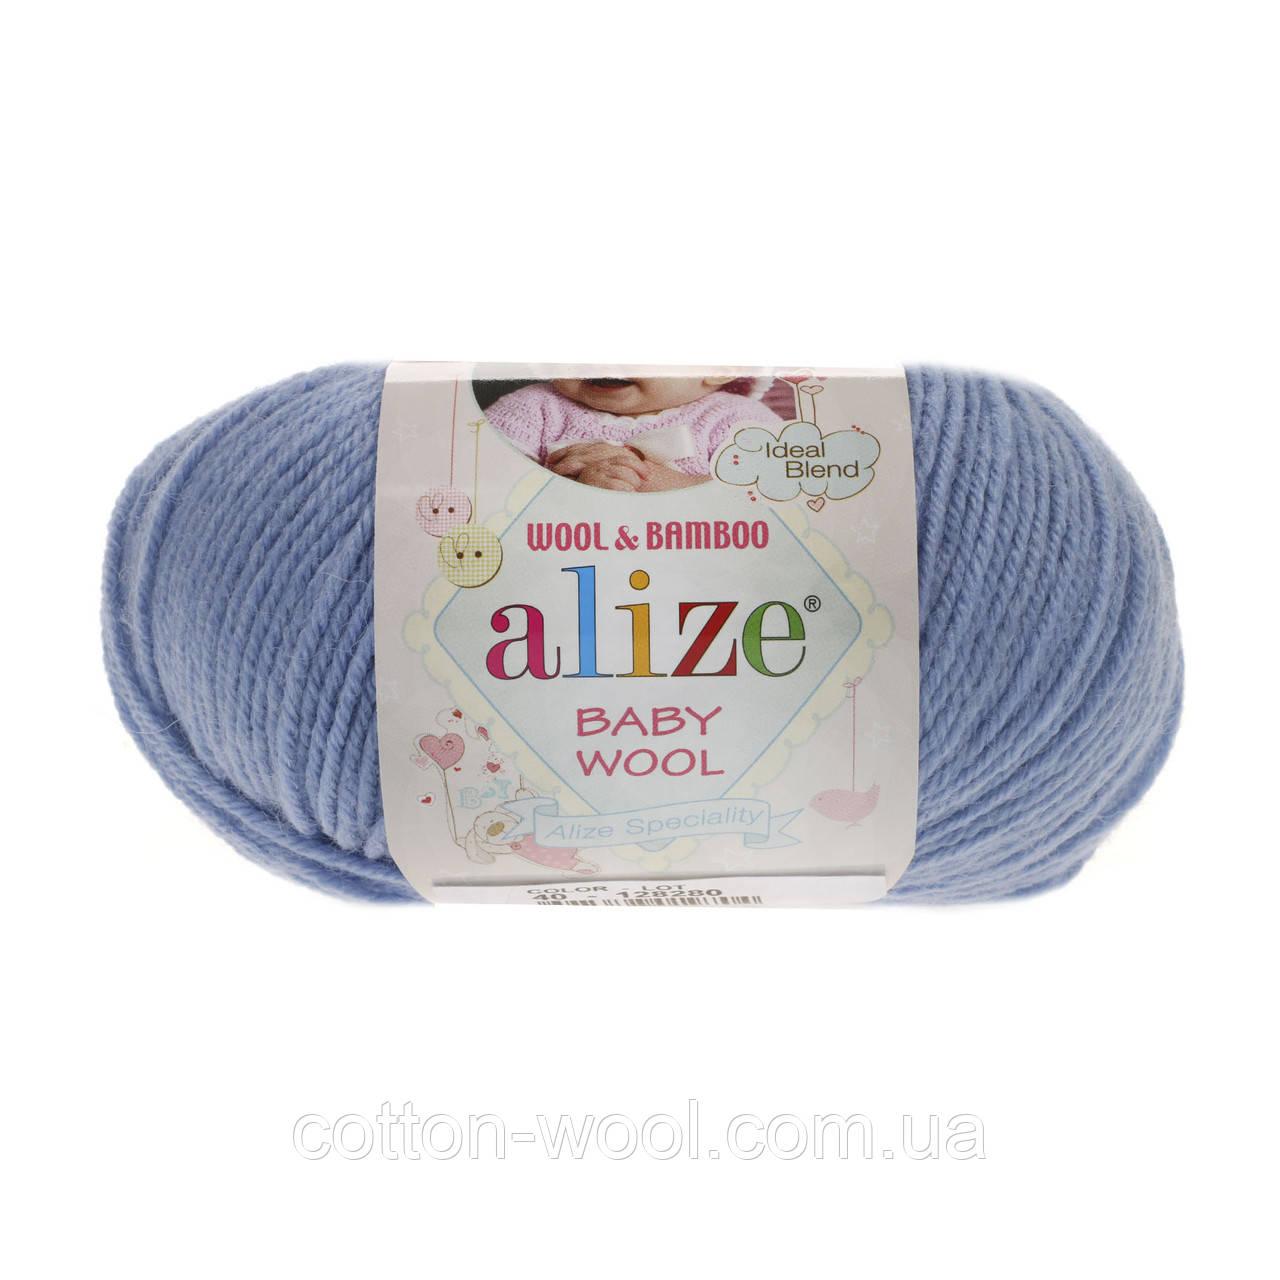 Alize Baby wool (Ализе Беби вул)  40 детская пряжа